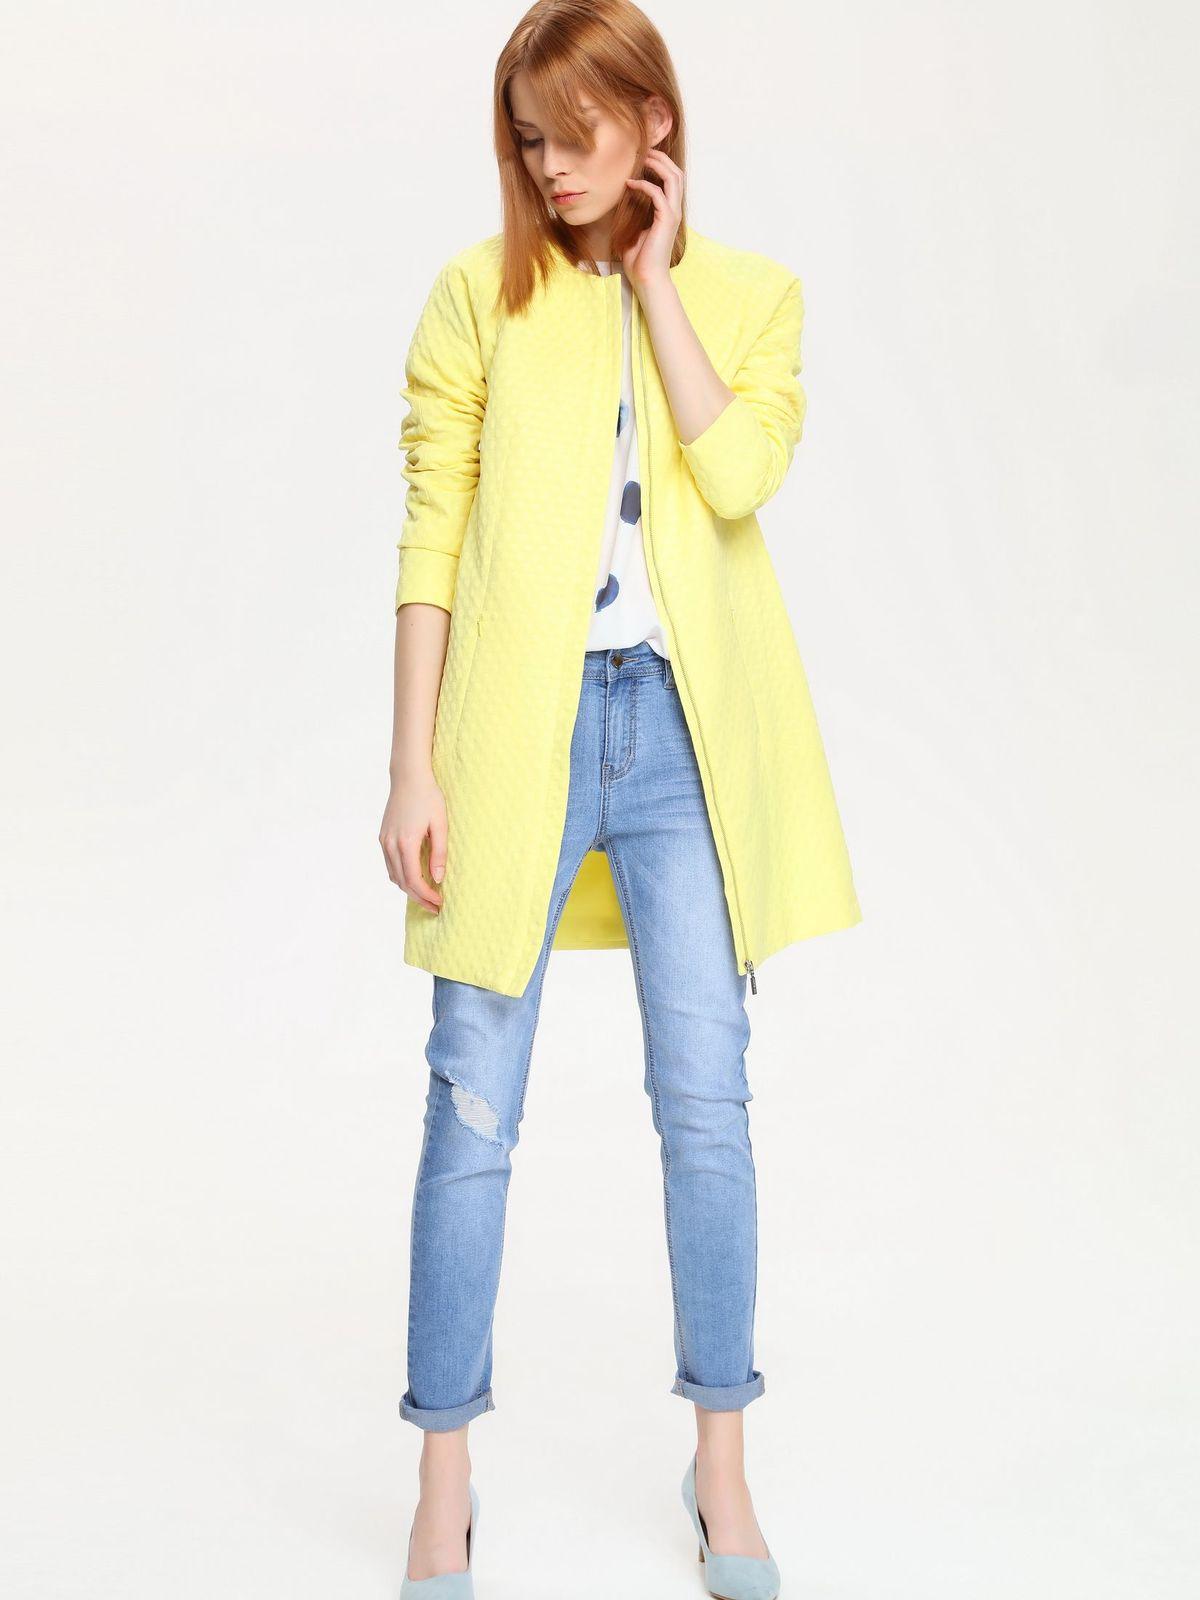 SPZ0316ZIЭлегантное женское пальто Top Secret выполнено из полиэстера с добавлением хлопка. Модель с круглым вырезом горловины и длинными рукавами застегивается на застежку-молнию скрытую под планкой. Изделие дополнено двумя втачными карманами на потайных застежках-молниях. Такое пальто приятно прилегает к телу, и оно обязательно станет самой уютной и любимой вещью вашего осеннего гардероба.